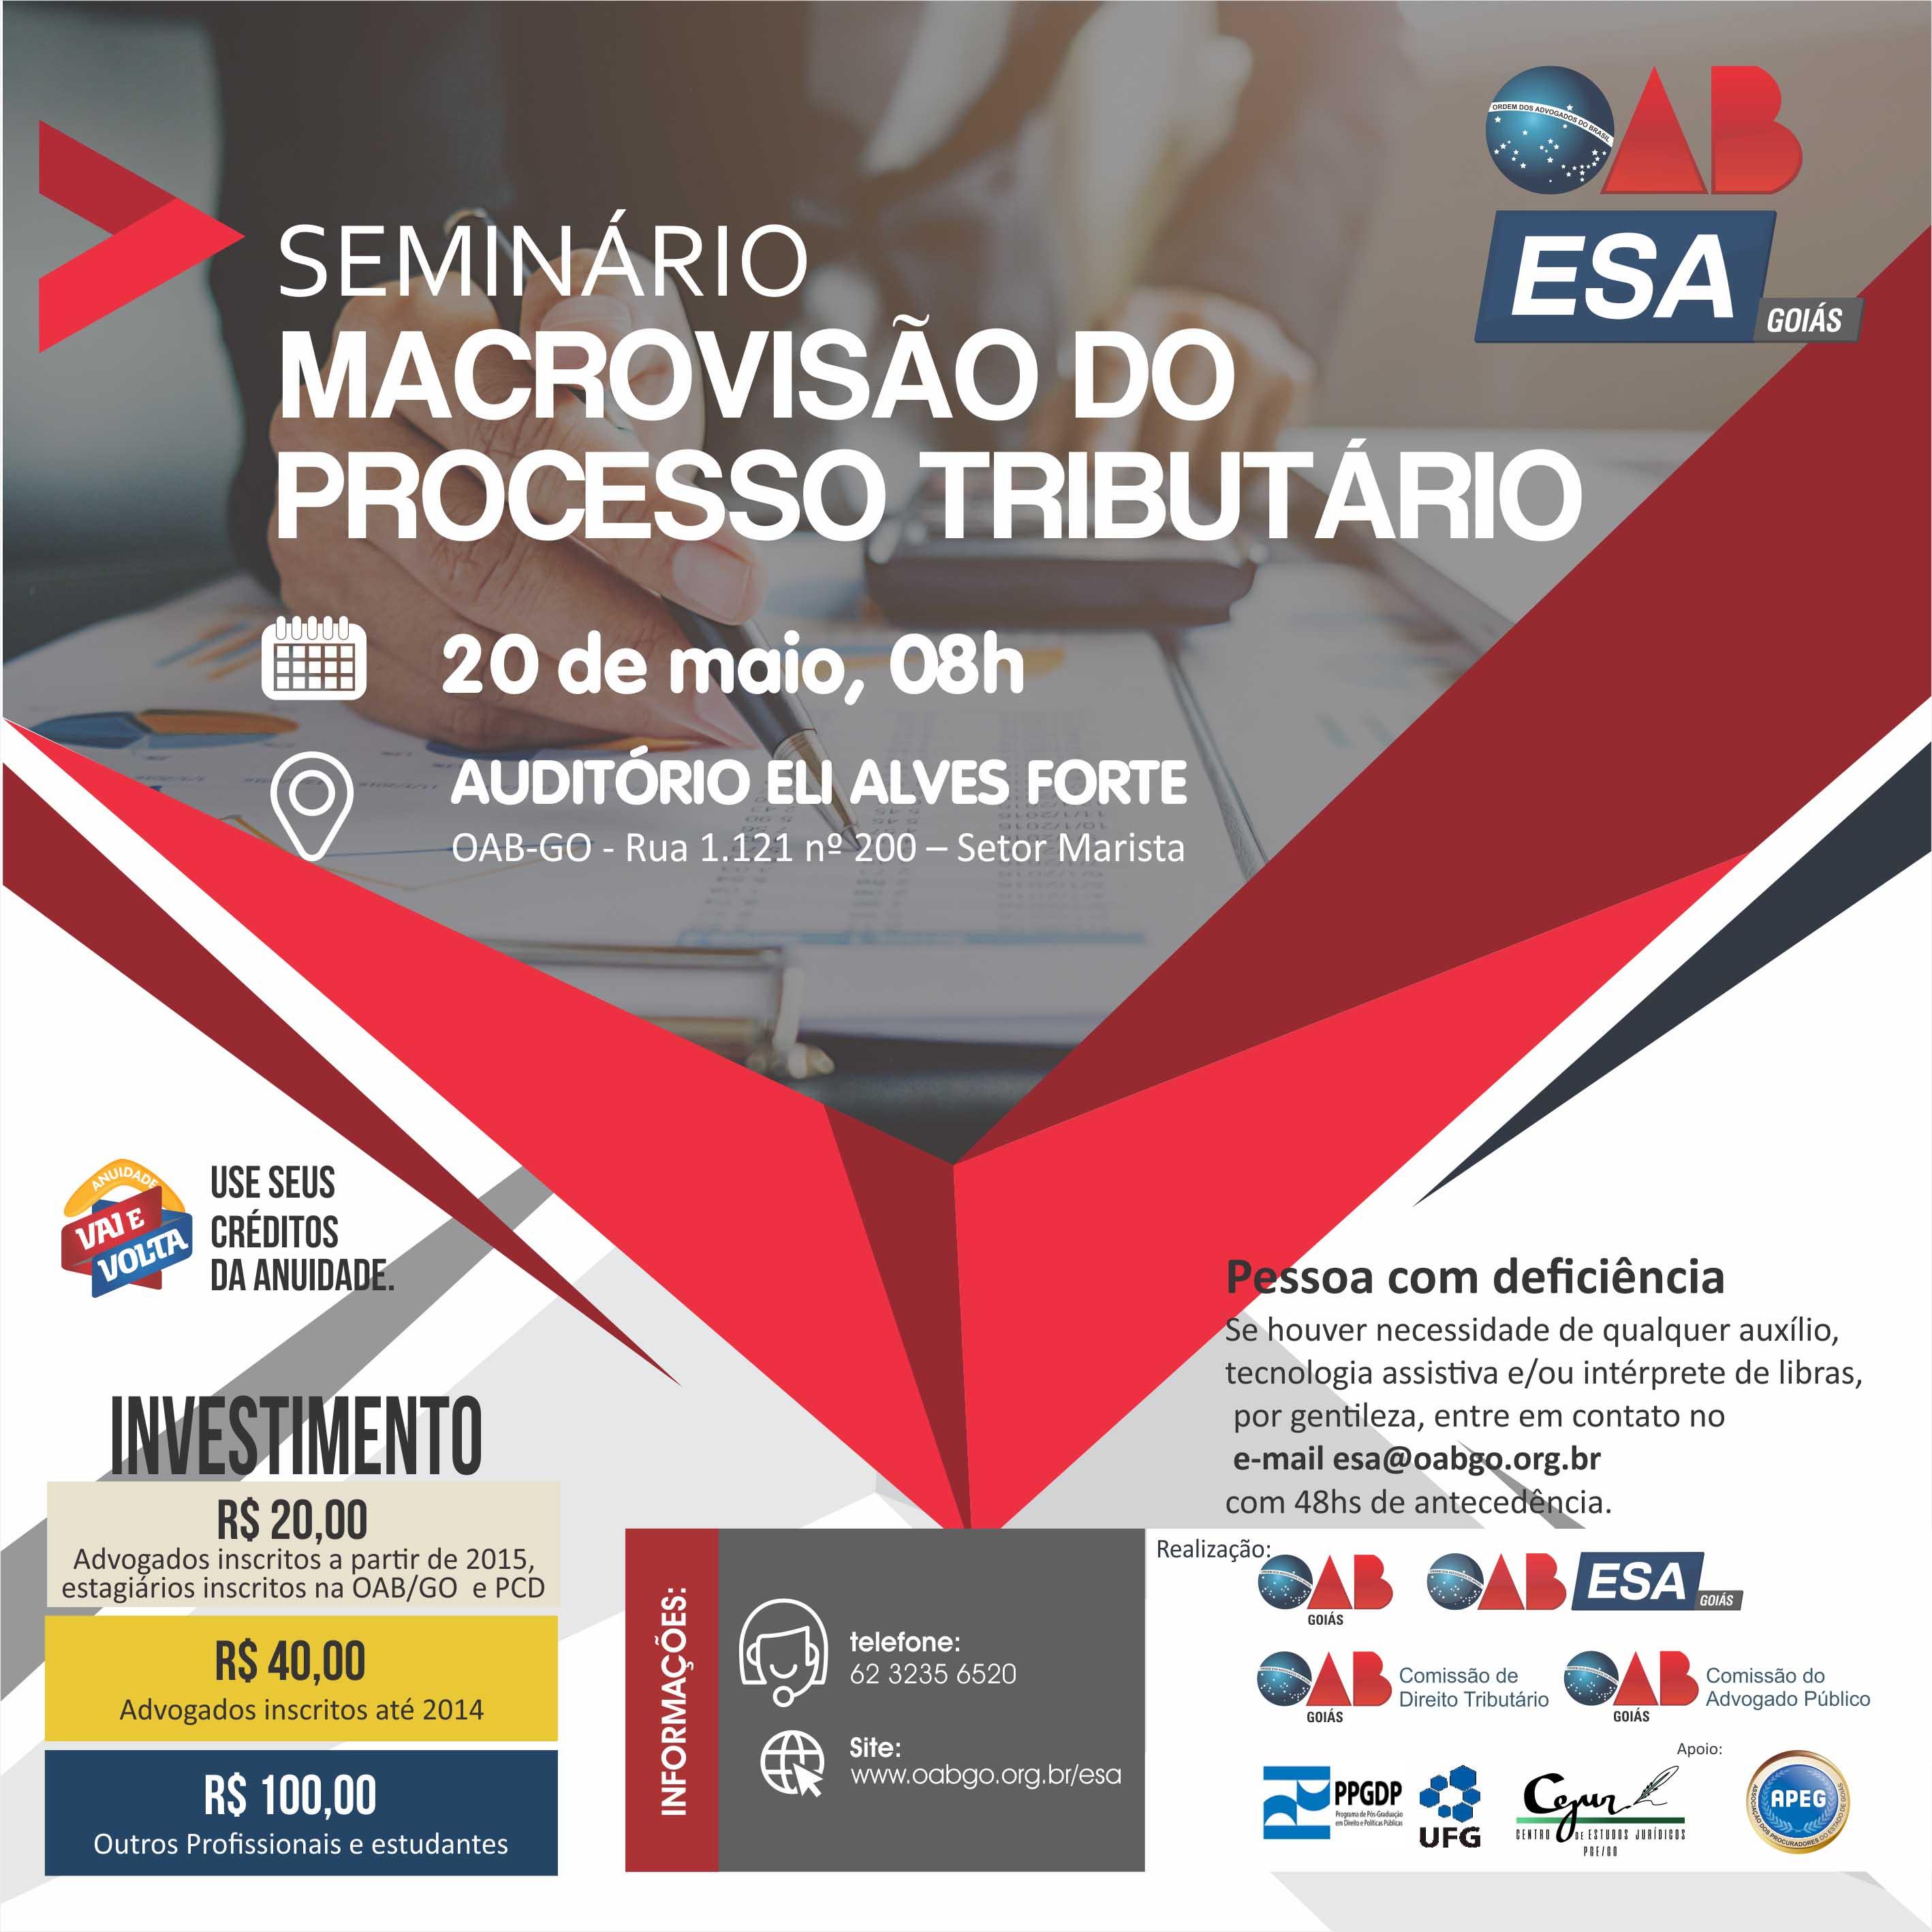 20.05 - Seminário Macrovisão do Processo Tributário